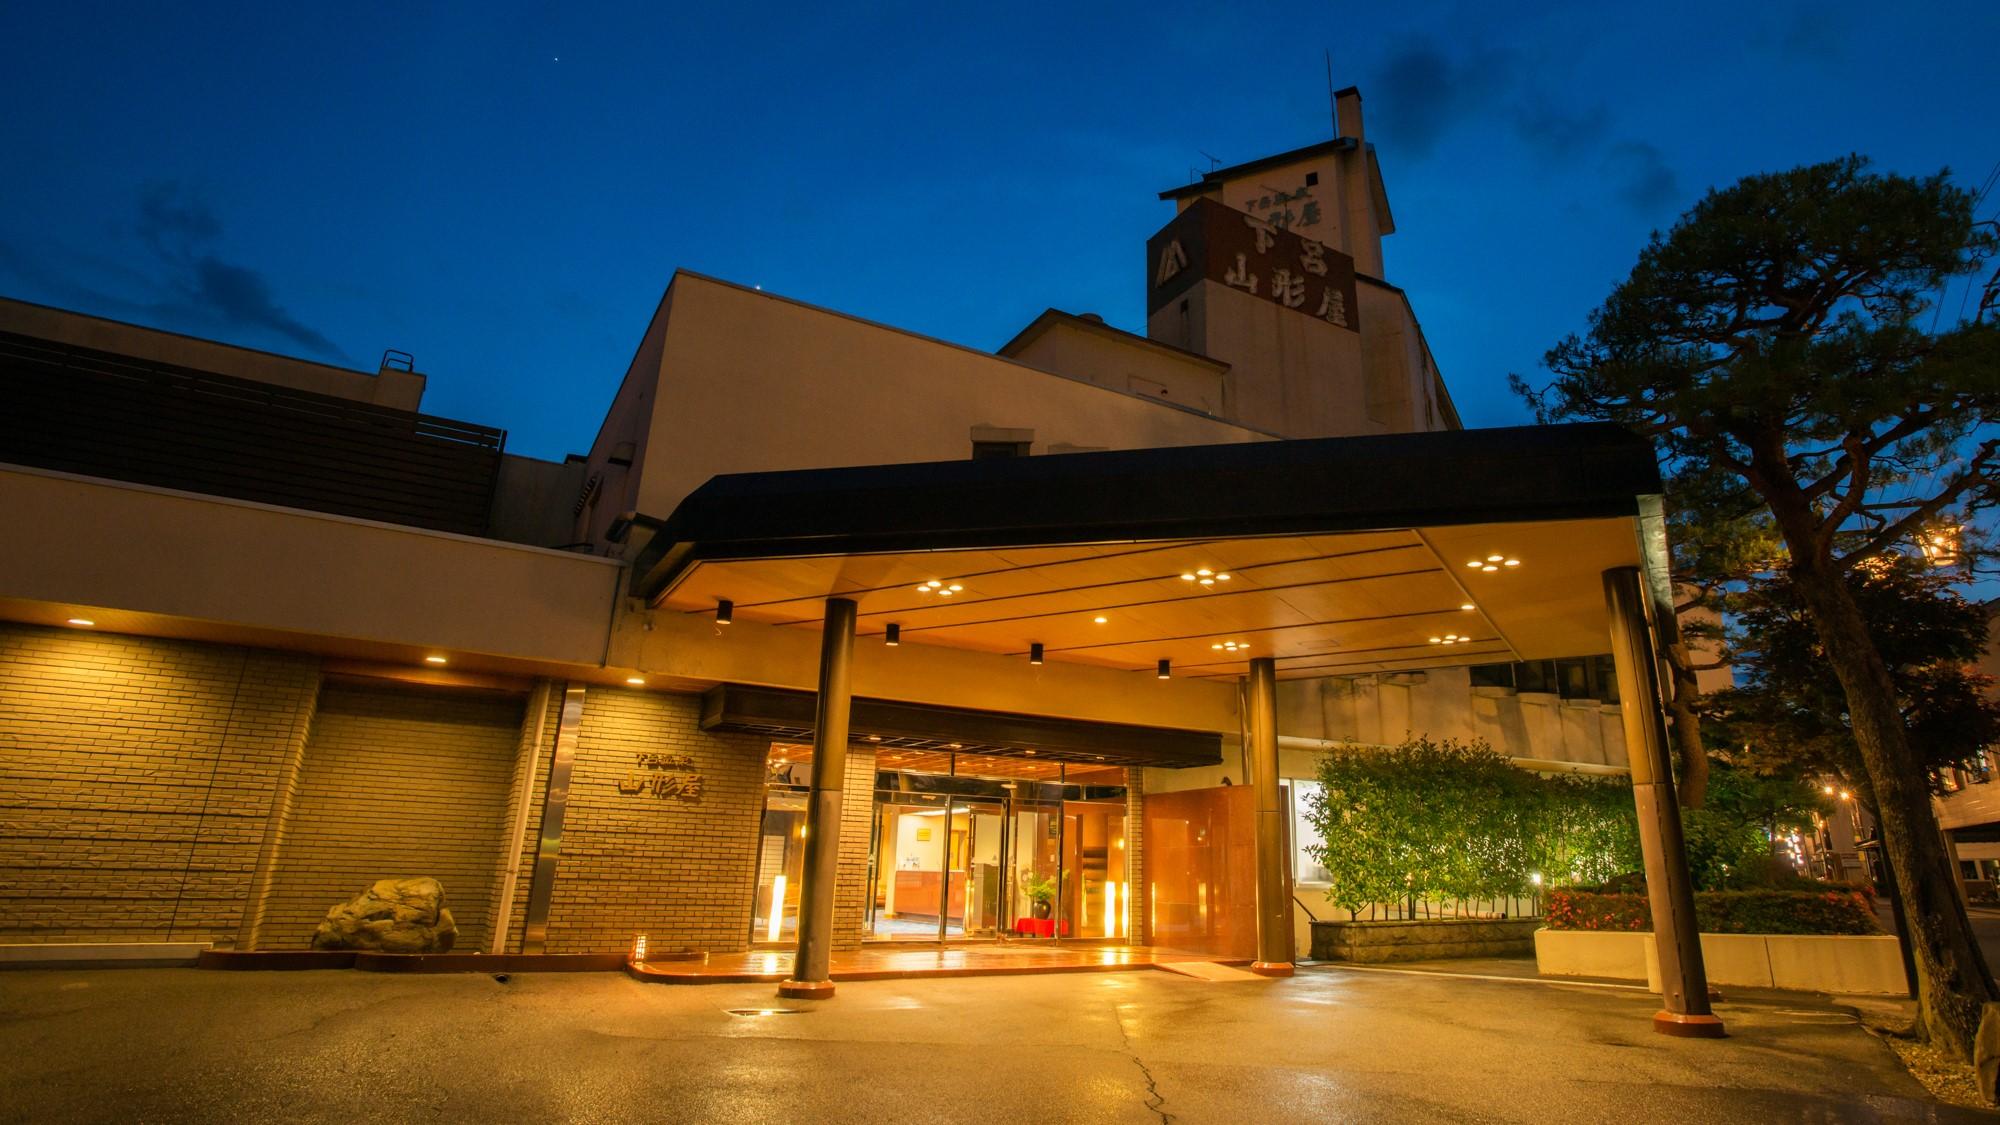 出張で下呂温泉へ宿泊します。露天風呂がある宿を教えて下さい。